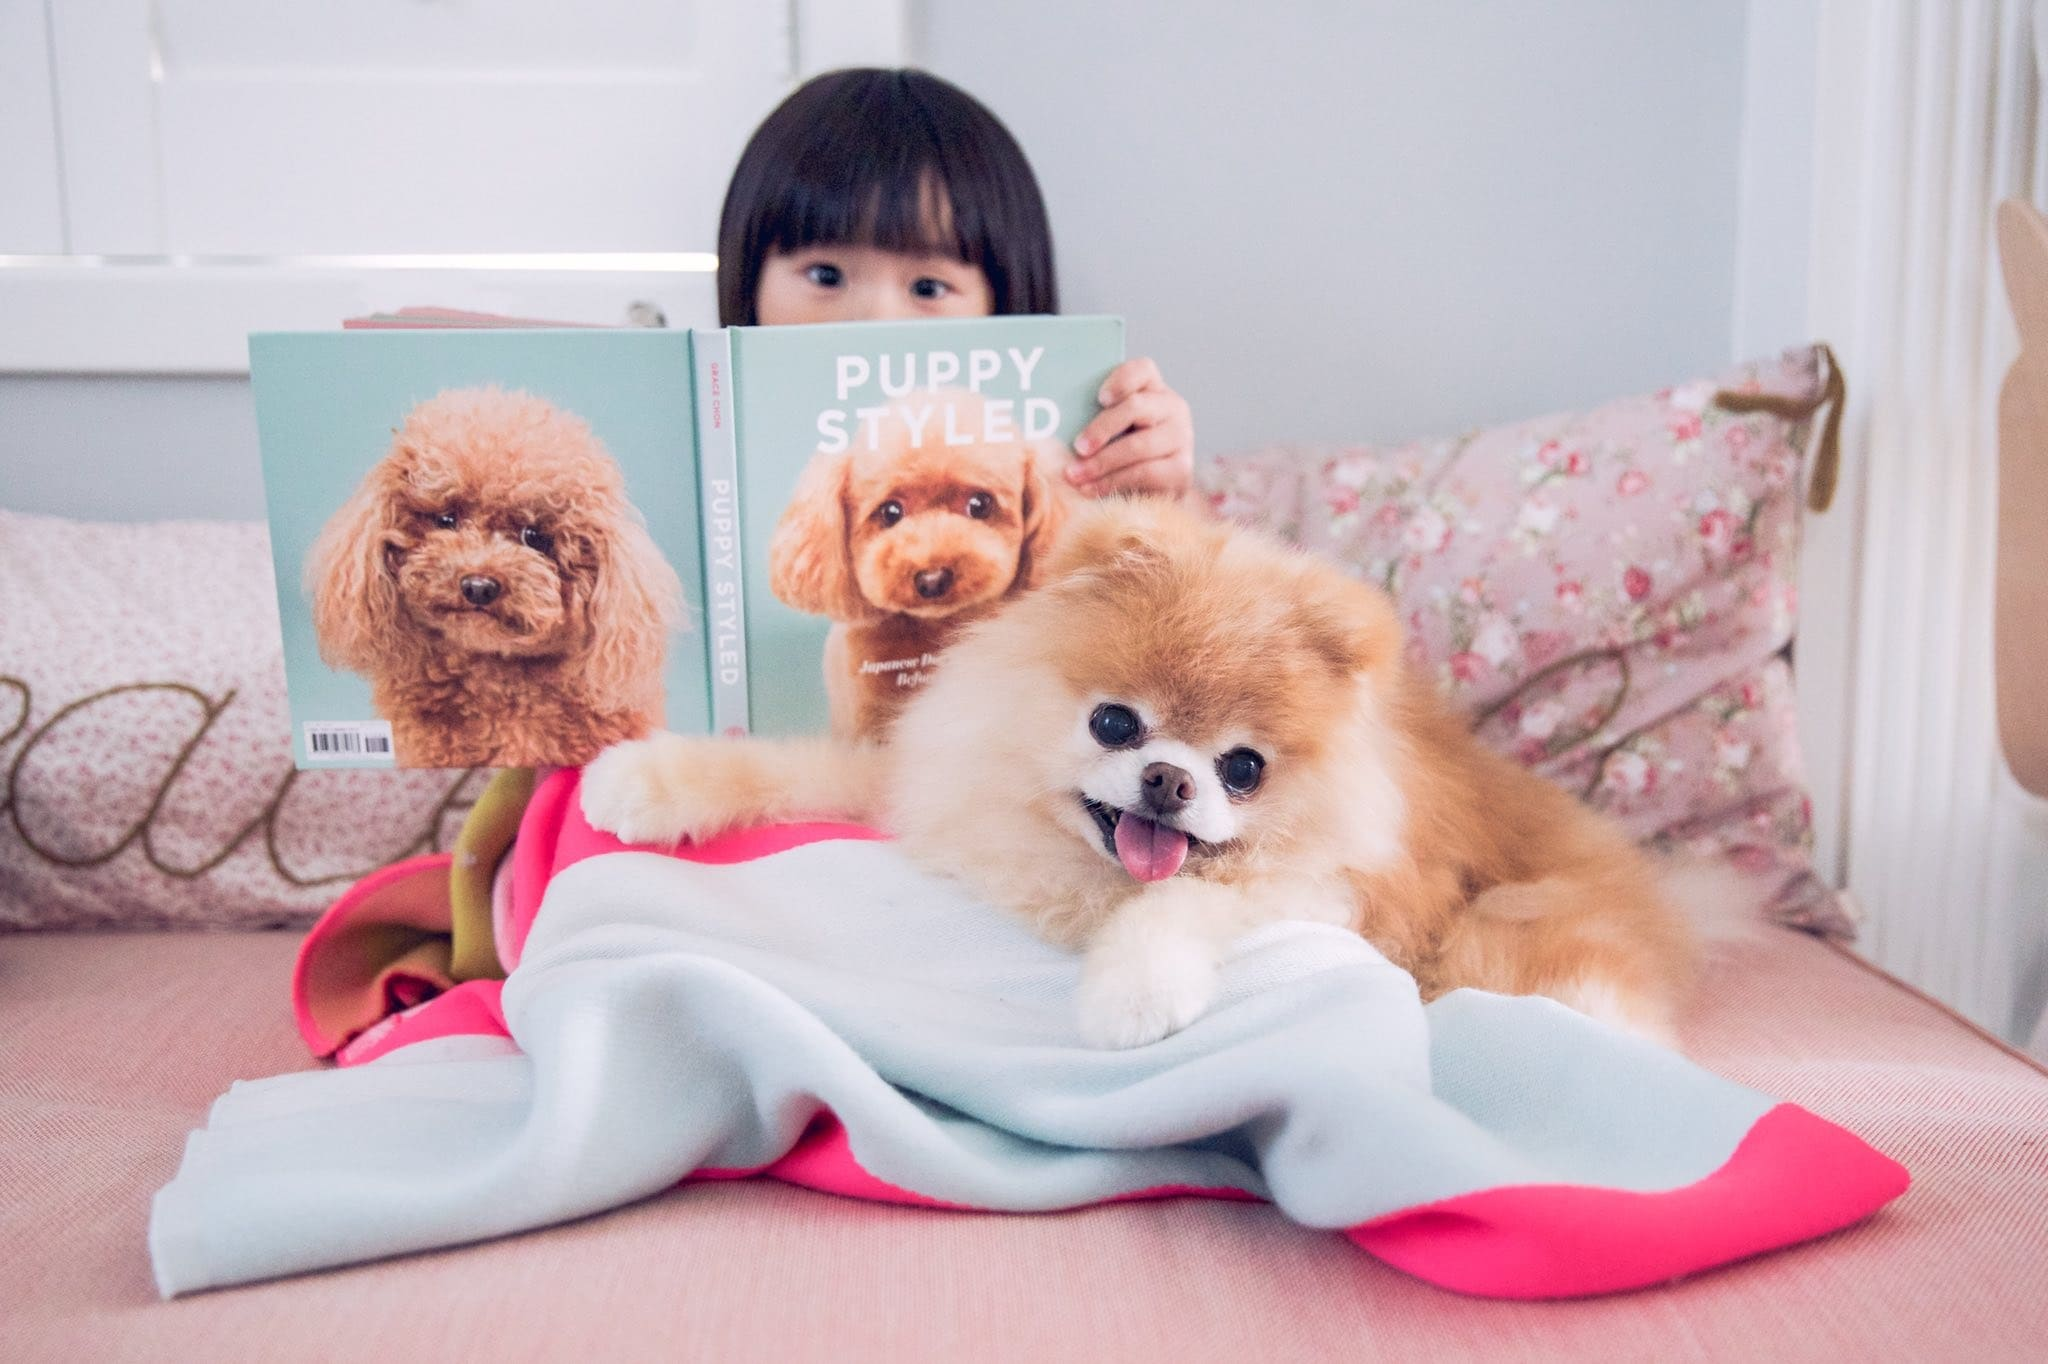 Boo हा एक सेलिब्रेटीच झाला होता. इतंच काय Boo: The Life of the Worlds Cutest Dog आणि Boo: Little Dog in the Big City अशी दोन पुस्तकेही त्याच्यावर प्रकाशित झाली आहेत.